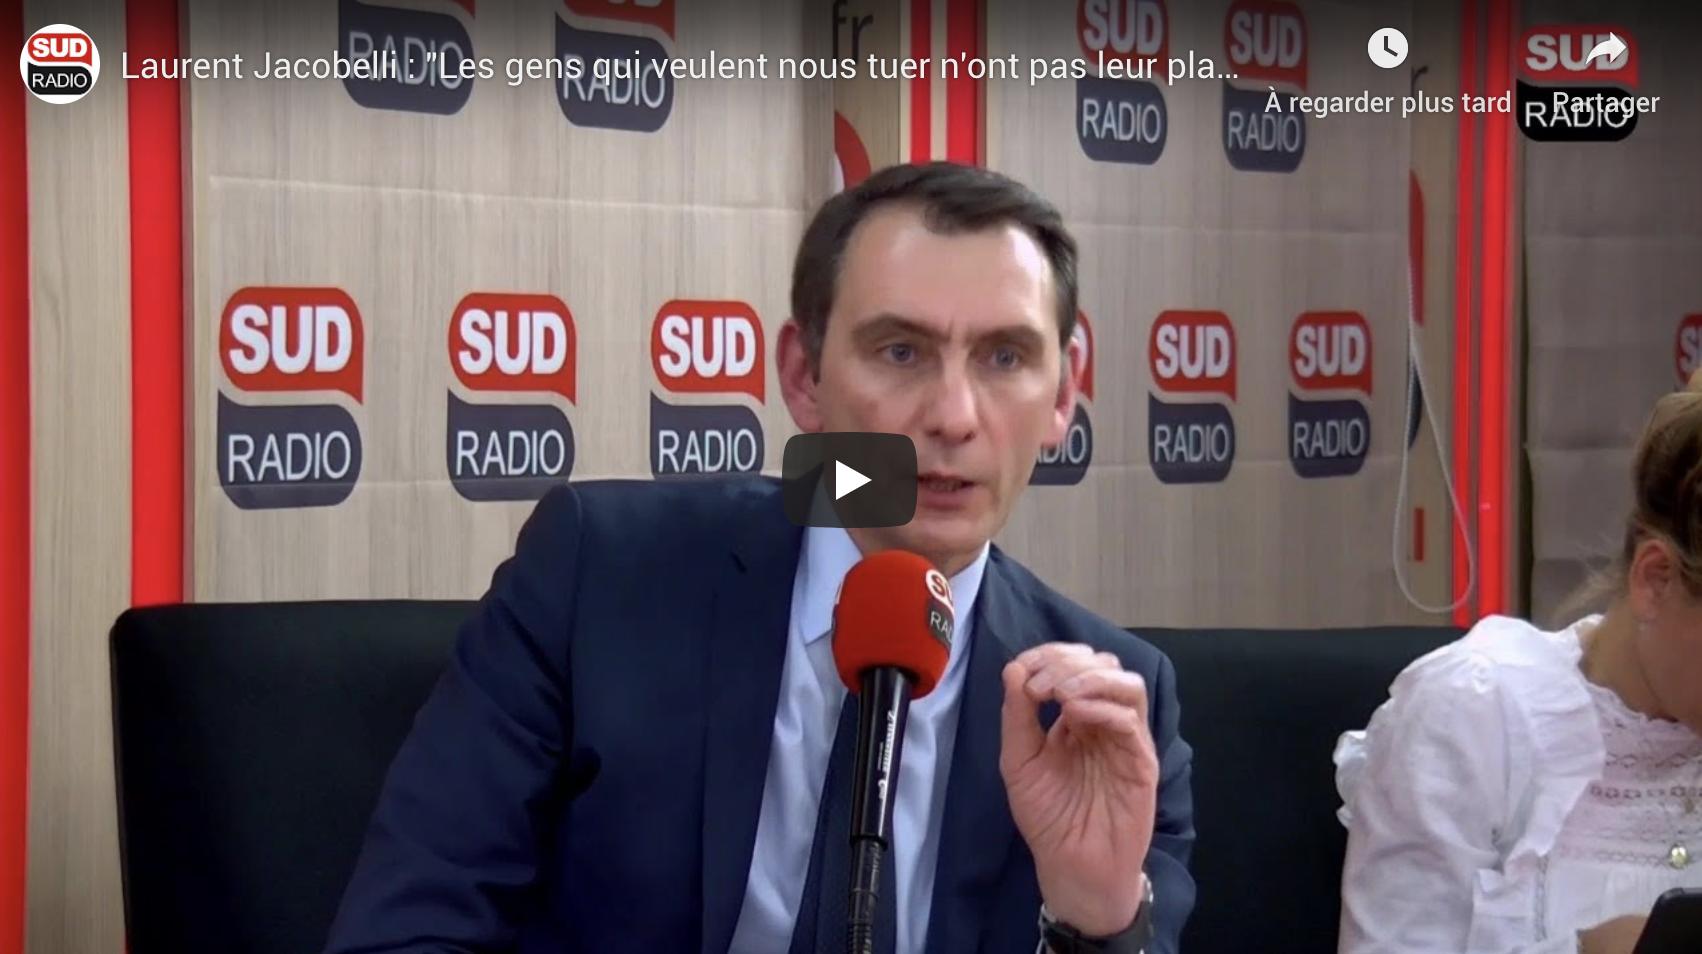 """Laurent Jacobelli (RN) : """"Les gens qui veulent nous tuer n'ont pas leur place en France"""" (VIDÉO)"""